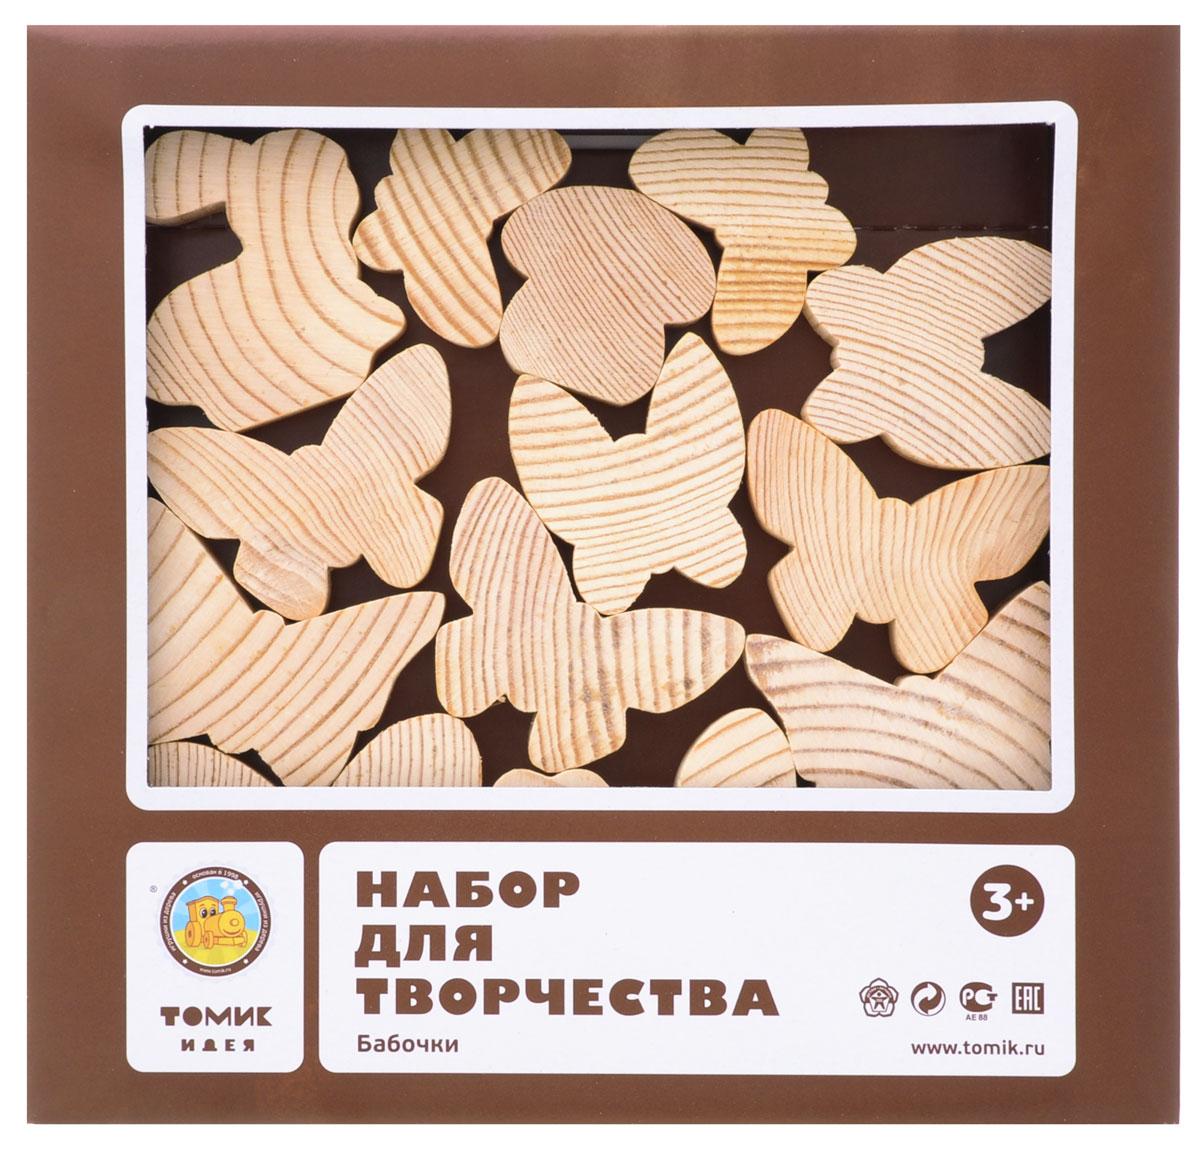 Томик Конструктор Бабочки806Фигурки из конструктора Томик Бабочки можно раскрашивать красками и карандашами, украшать с помощью всевозможных подручных материалов: пластилина, ниток, крупы и цветной бумаги. Их можно использовать в сюжетных играх или в качестве украшения для дома. Вместе с детьми вы можете составлять творческие композиции, используя вложенные картинки для раскрашивания, или придумывать свои собственные сюжеты. Оживляя каждую бабочку ребенок развивает фантазию, воображение, творческие способности, расширяет кругозор, а также учится рисовать, лепить, клеить. В наборе 14 фигурок: бабочки, гриб, зайчик и лягушка. Игрушки, изготовленные своими руками - прекрасный подарок к любому празднику.